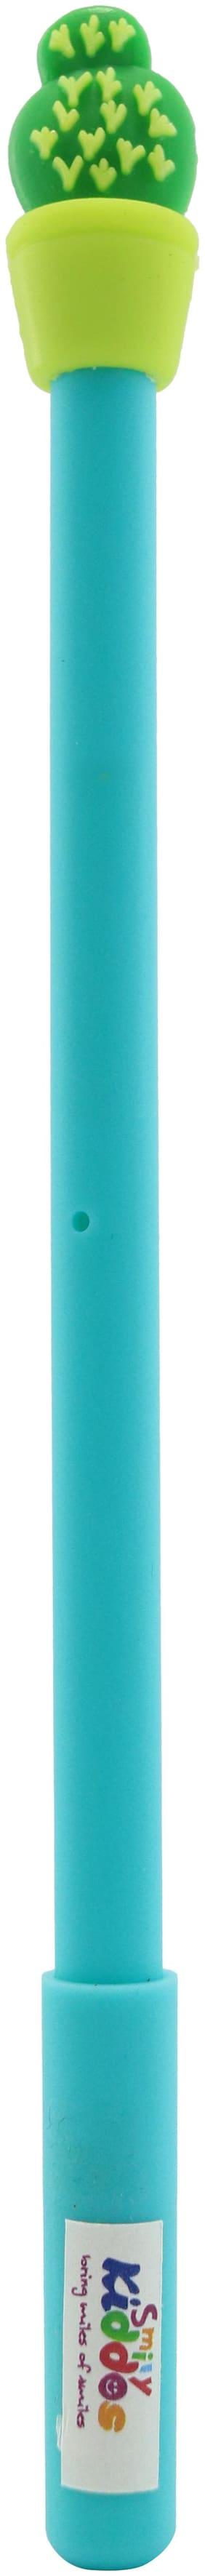 Smily Kiddos Ball Pen ( Blue , 1 PC )